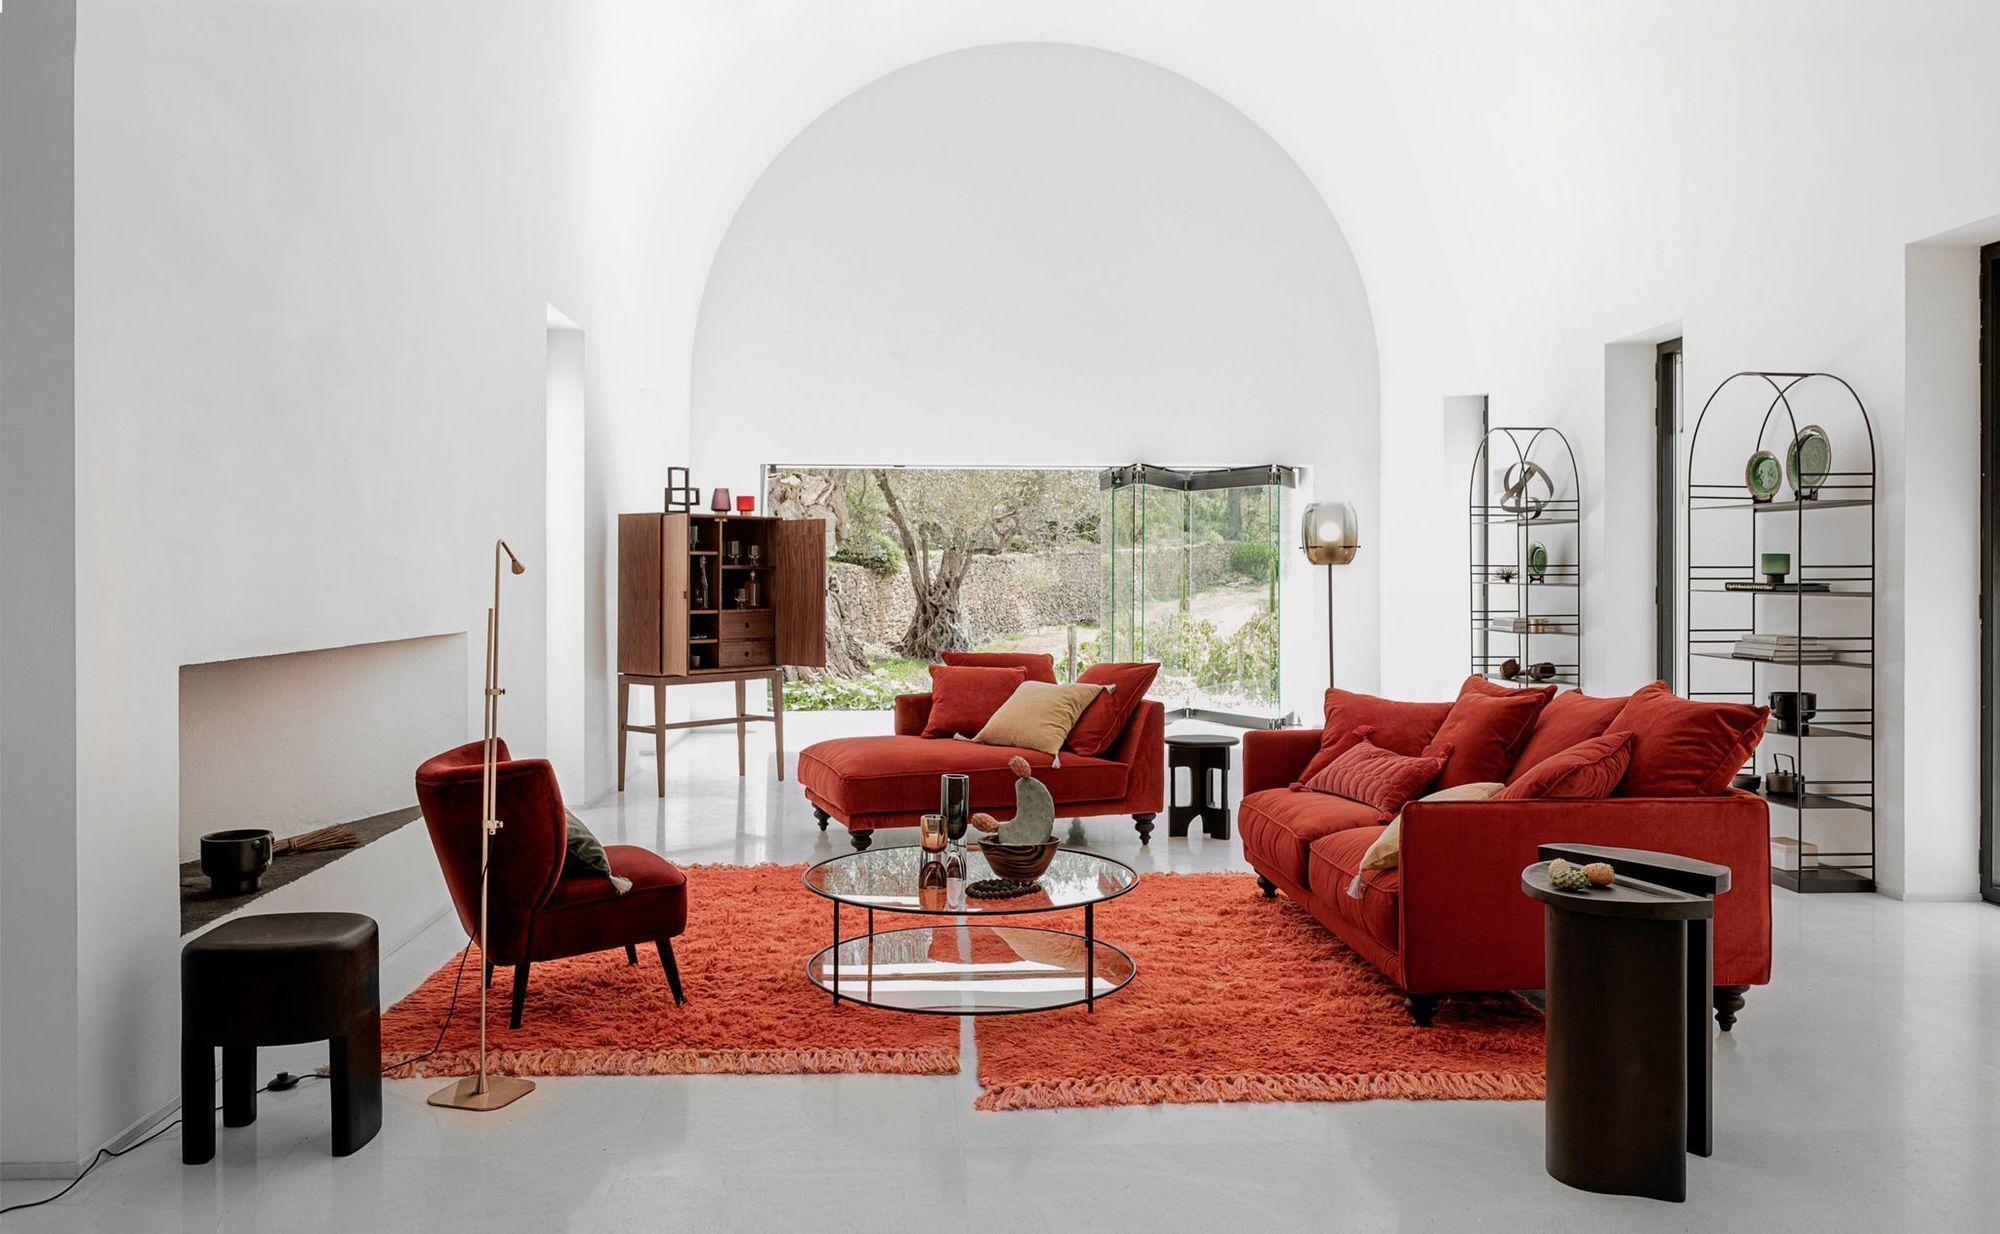 Catalogue Am Pm Printemps Ete 2020 Meubles Et Decoration Premieres Photos Planete Deco A Homes World En 2020 Decoration Maison Decoration Appartement Idees De Decor